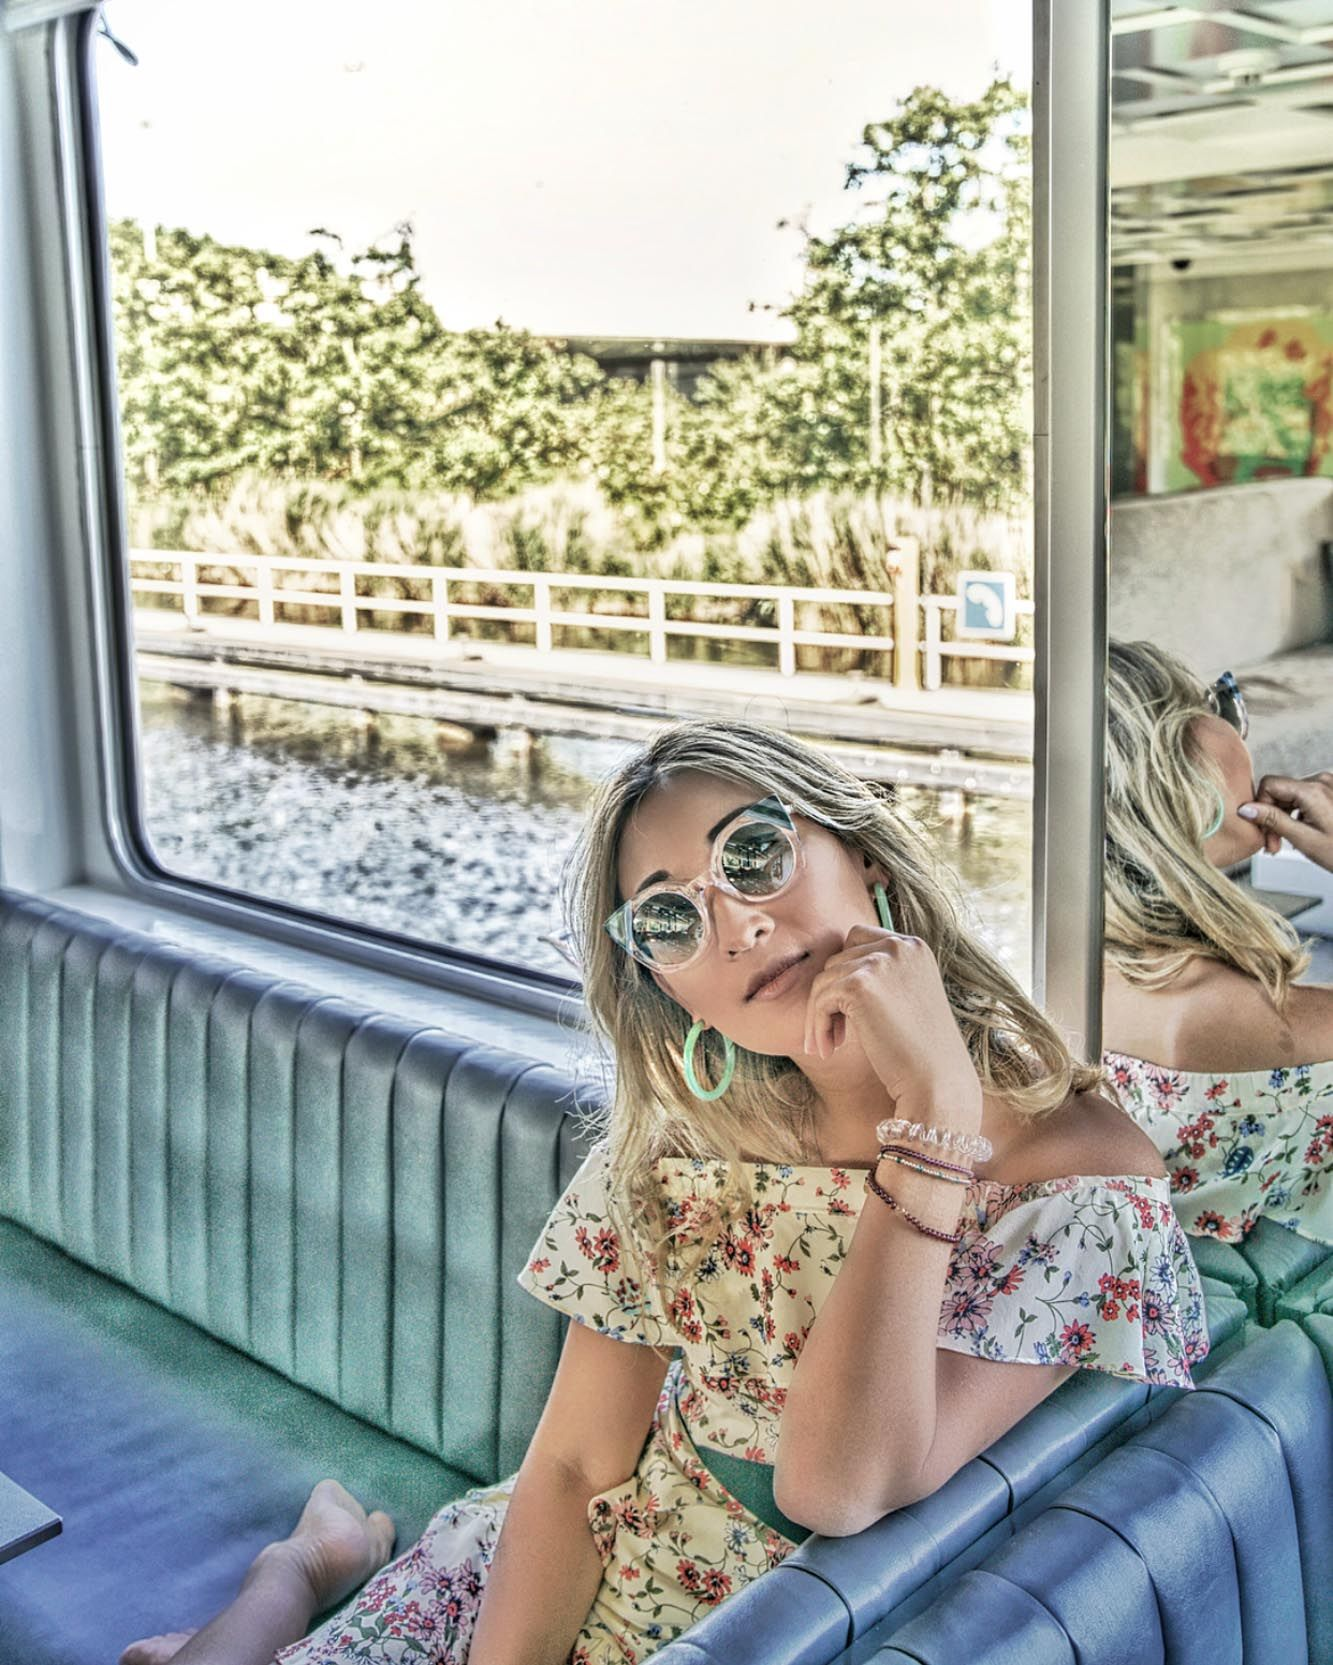 U by Uniworld, The A, Rolling on the Rhine